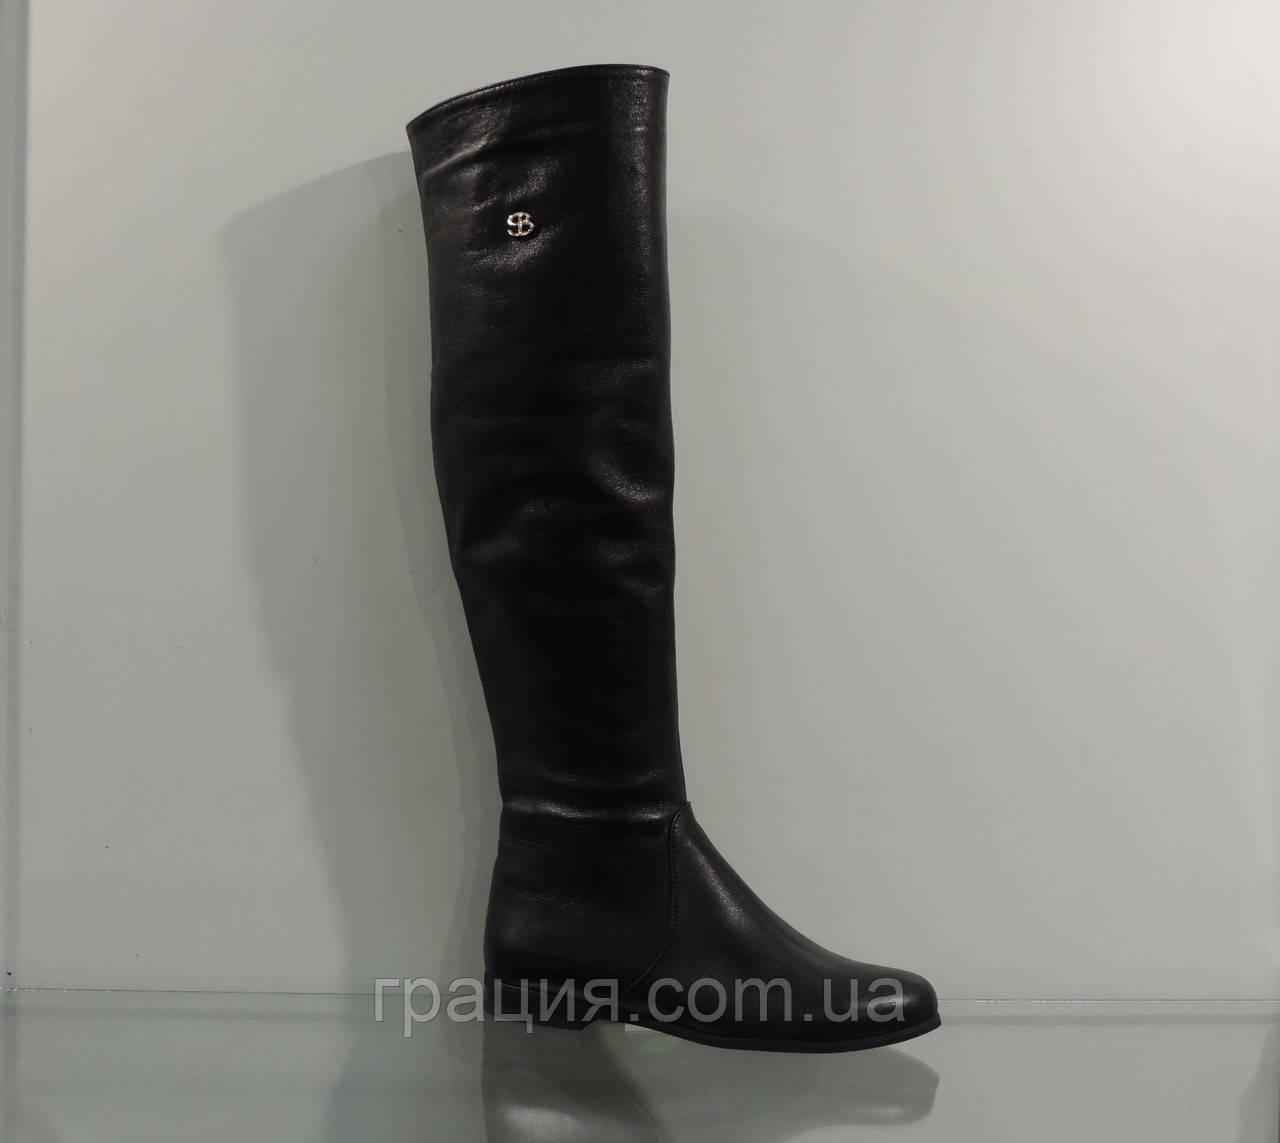 Сапожки женские высокие кожаные без каблука